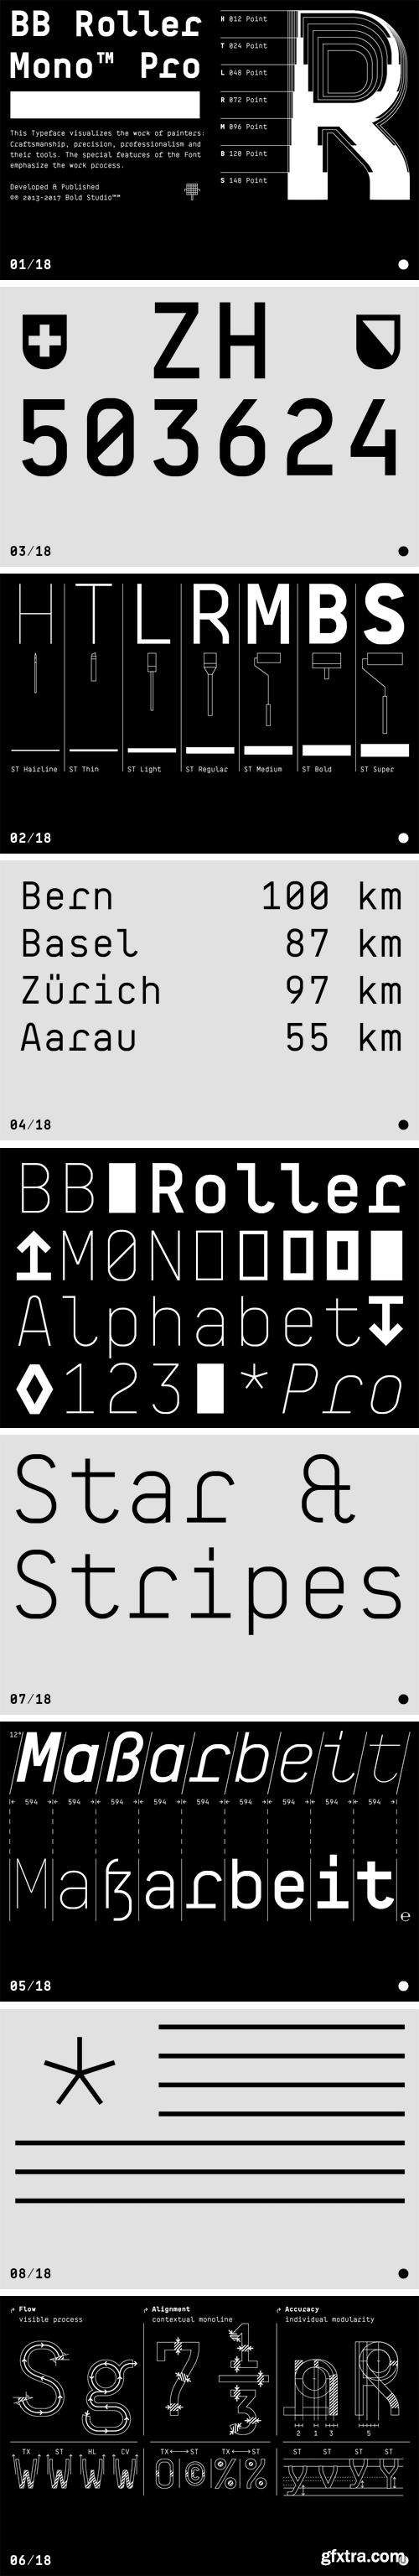 BB Roller Mono Pro Full Family